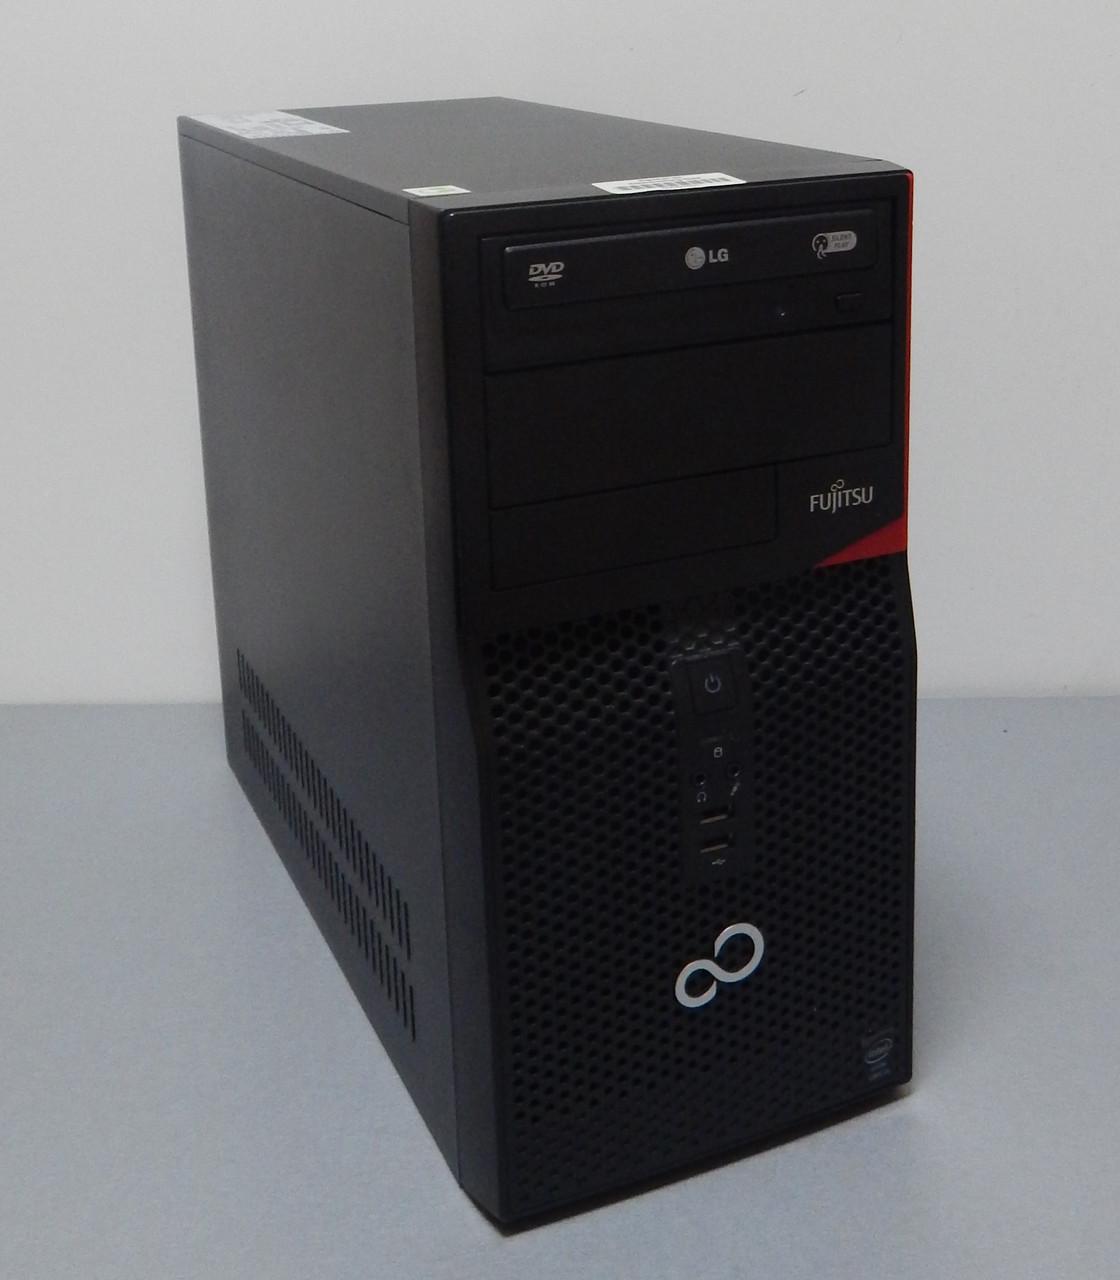 Системный блок б/у с Германии Fujitsu Esprimo P420 Intel Core i5-4570s/ 4 Gb RAM socket 1150 USB3.0